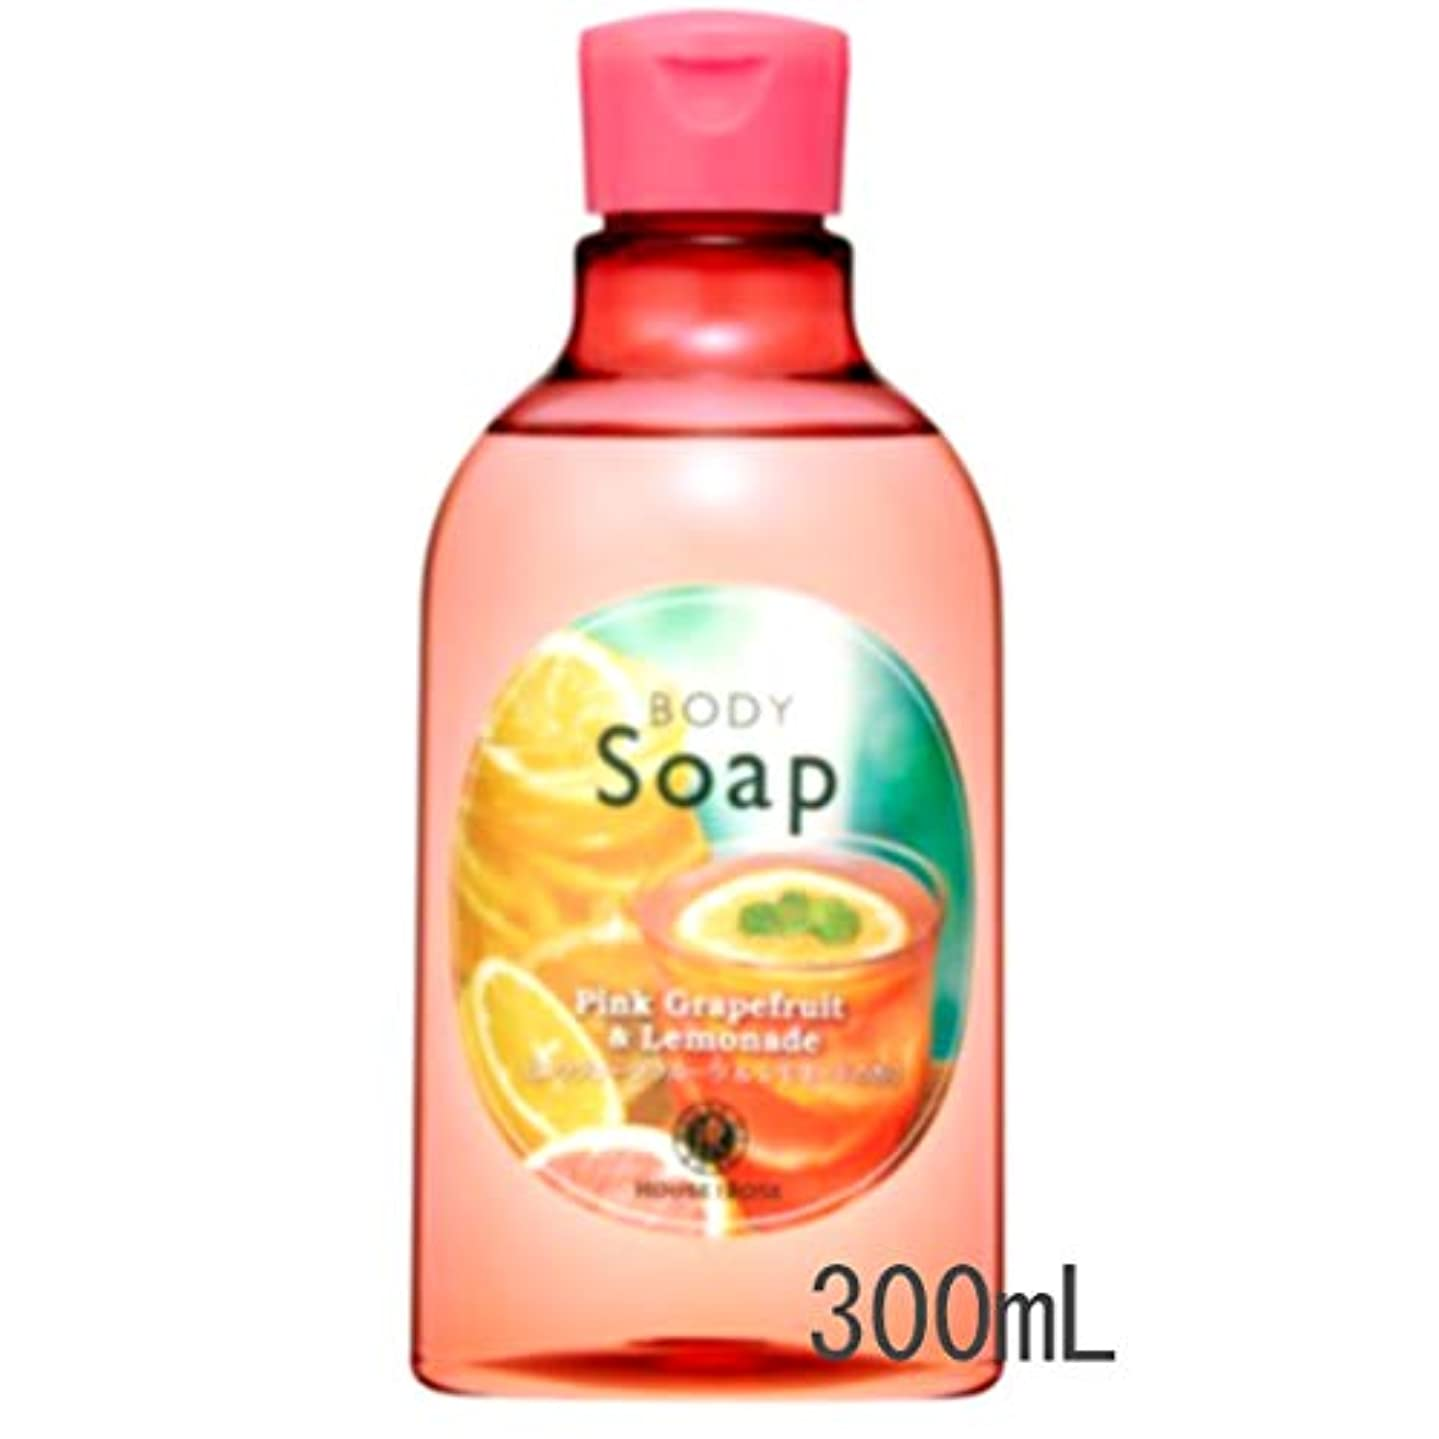 水陸両用甘くする独立してHOUSE OF ROSE(ハウスオブローゼ) ボディソープ PL(ピンクグレープフルーツ&レモネードの香り)300mL